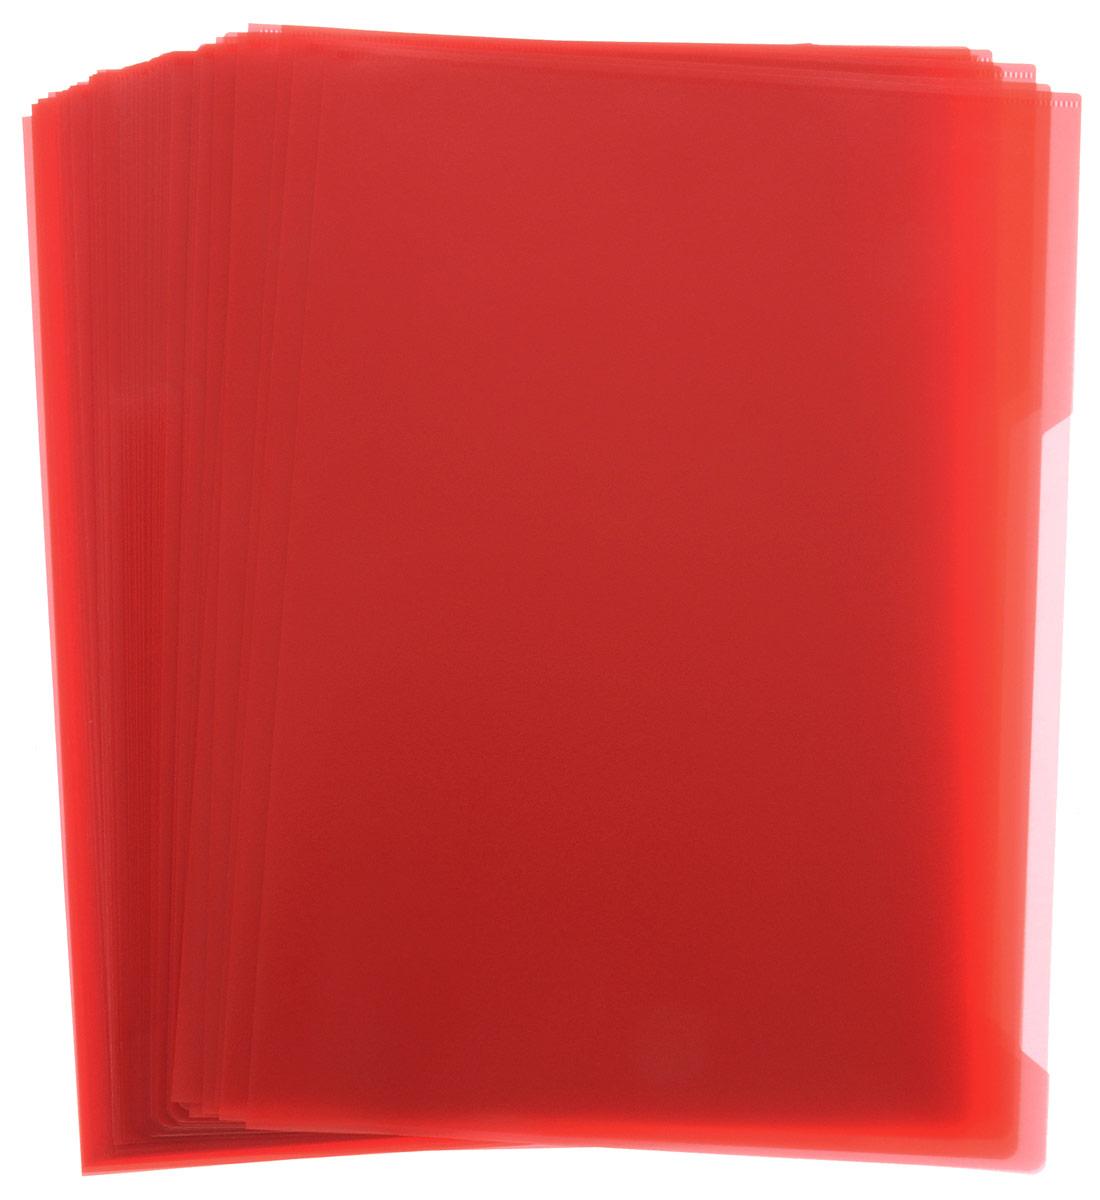 Durable Папка-уголок цвет красный 50 штFS-36054Папка-уголок Durable изготовлена из высококачественного полипропилена. Это удобный и практичный офисный инструмент, предназначенный для хранения и транспортировки рабочих бумаг и документов формата А4. Папка оснащена выемкой для перелистывания листов. В наборе - 50 папок.Папка-уголок - это незаменимый атрибут для студента, школьника, офисного работника. Такая папка надежно сохранит ваши документы и сбережет их от повреждений, пыли и влаги.